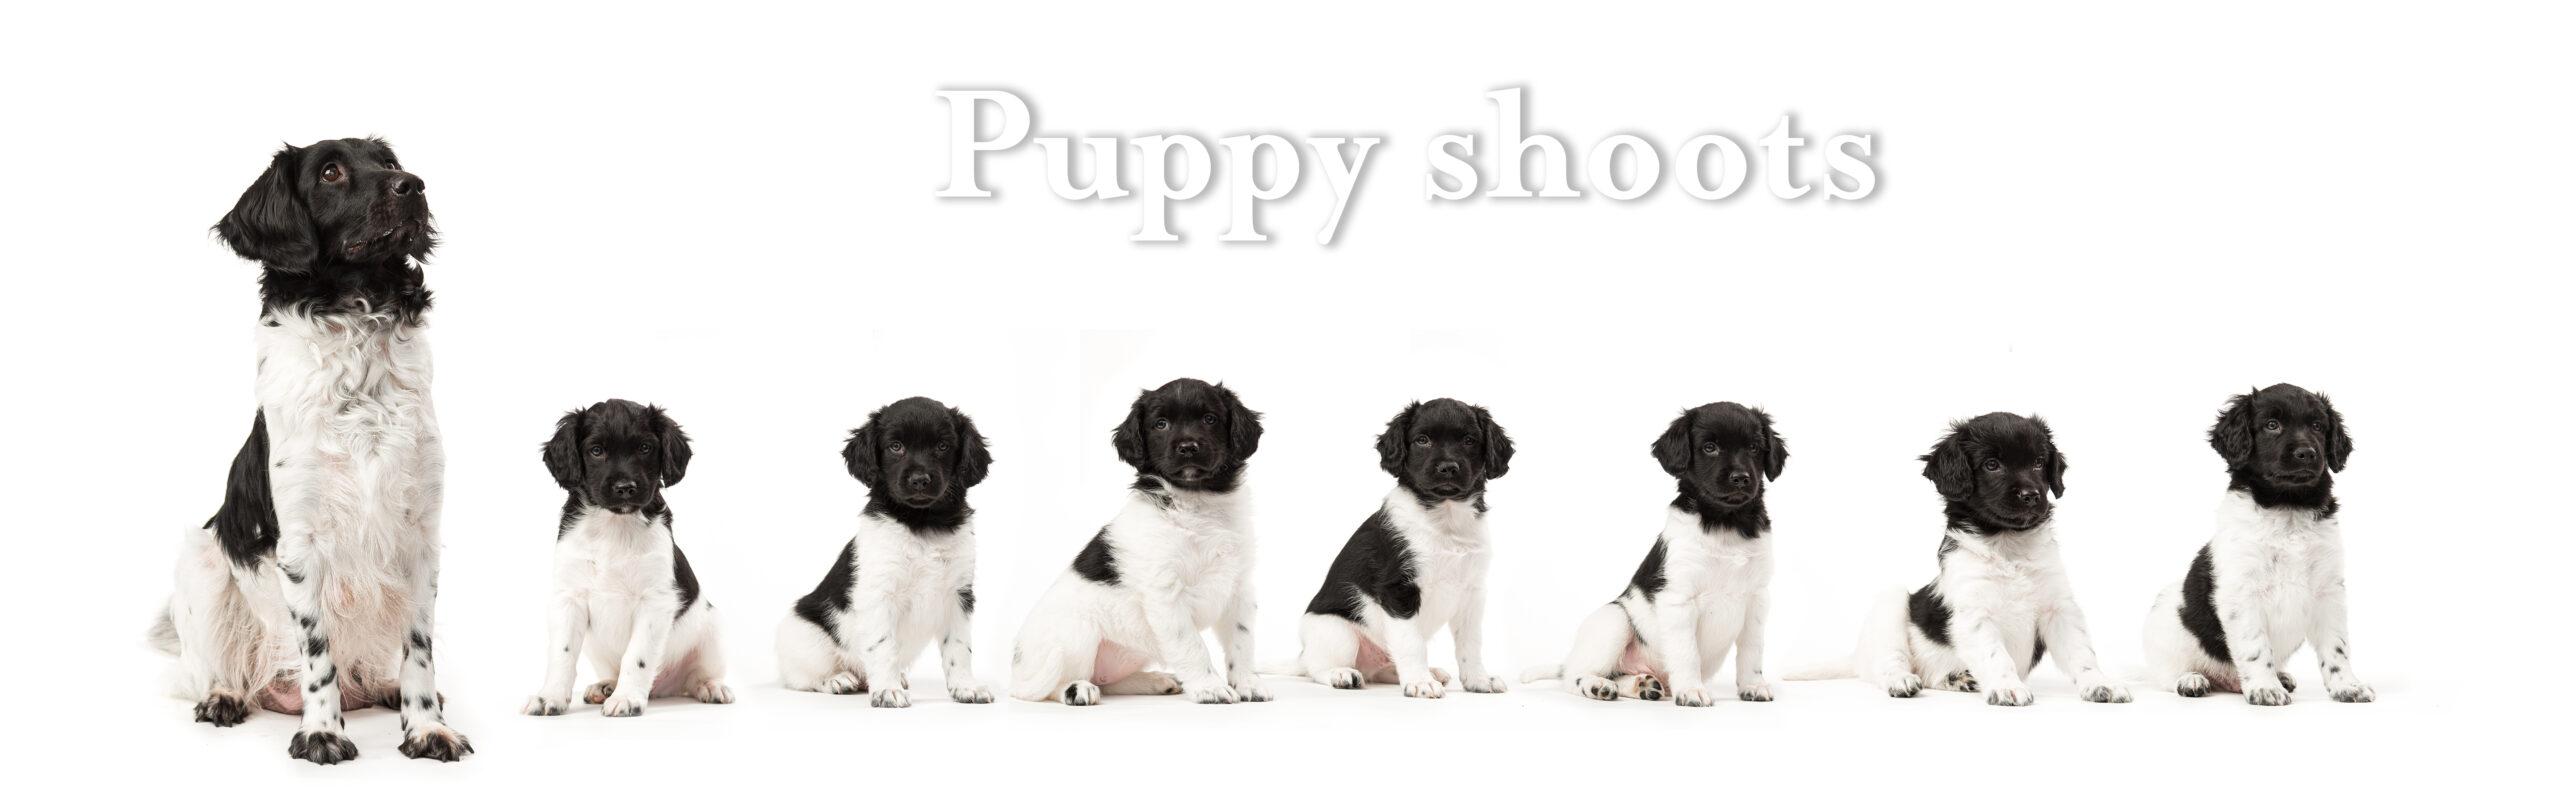 Help! Ik wil een puppy shoot, maar wat nu???